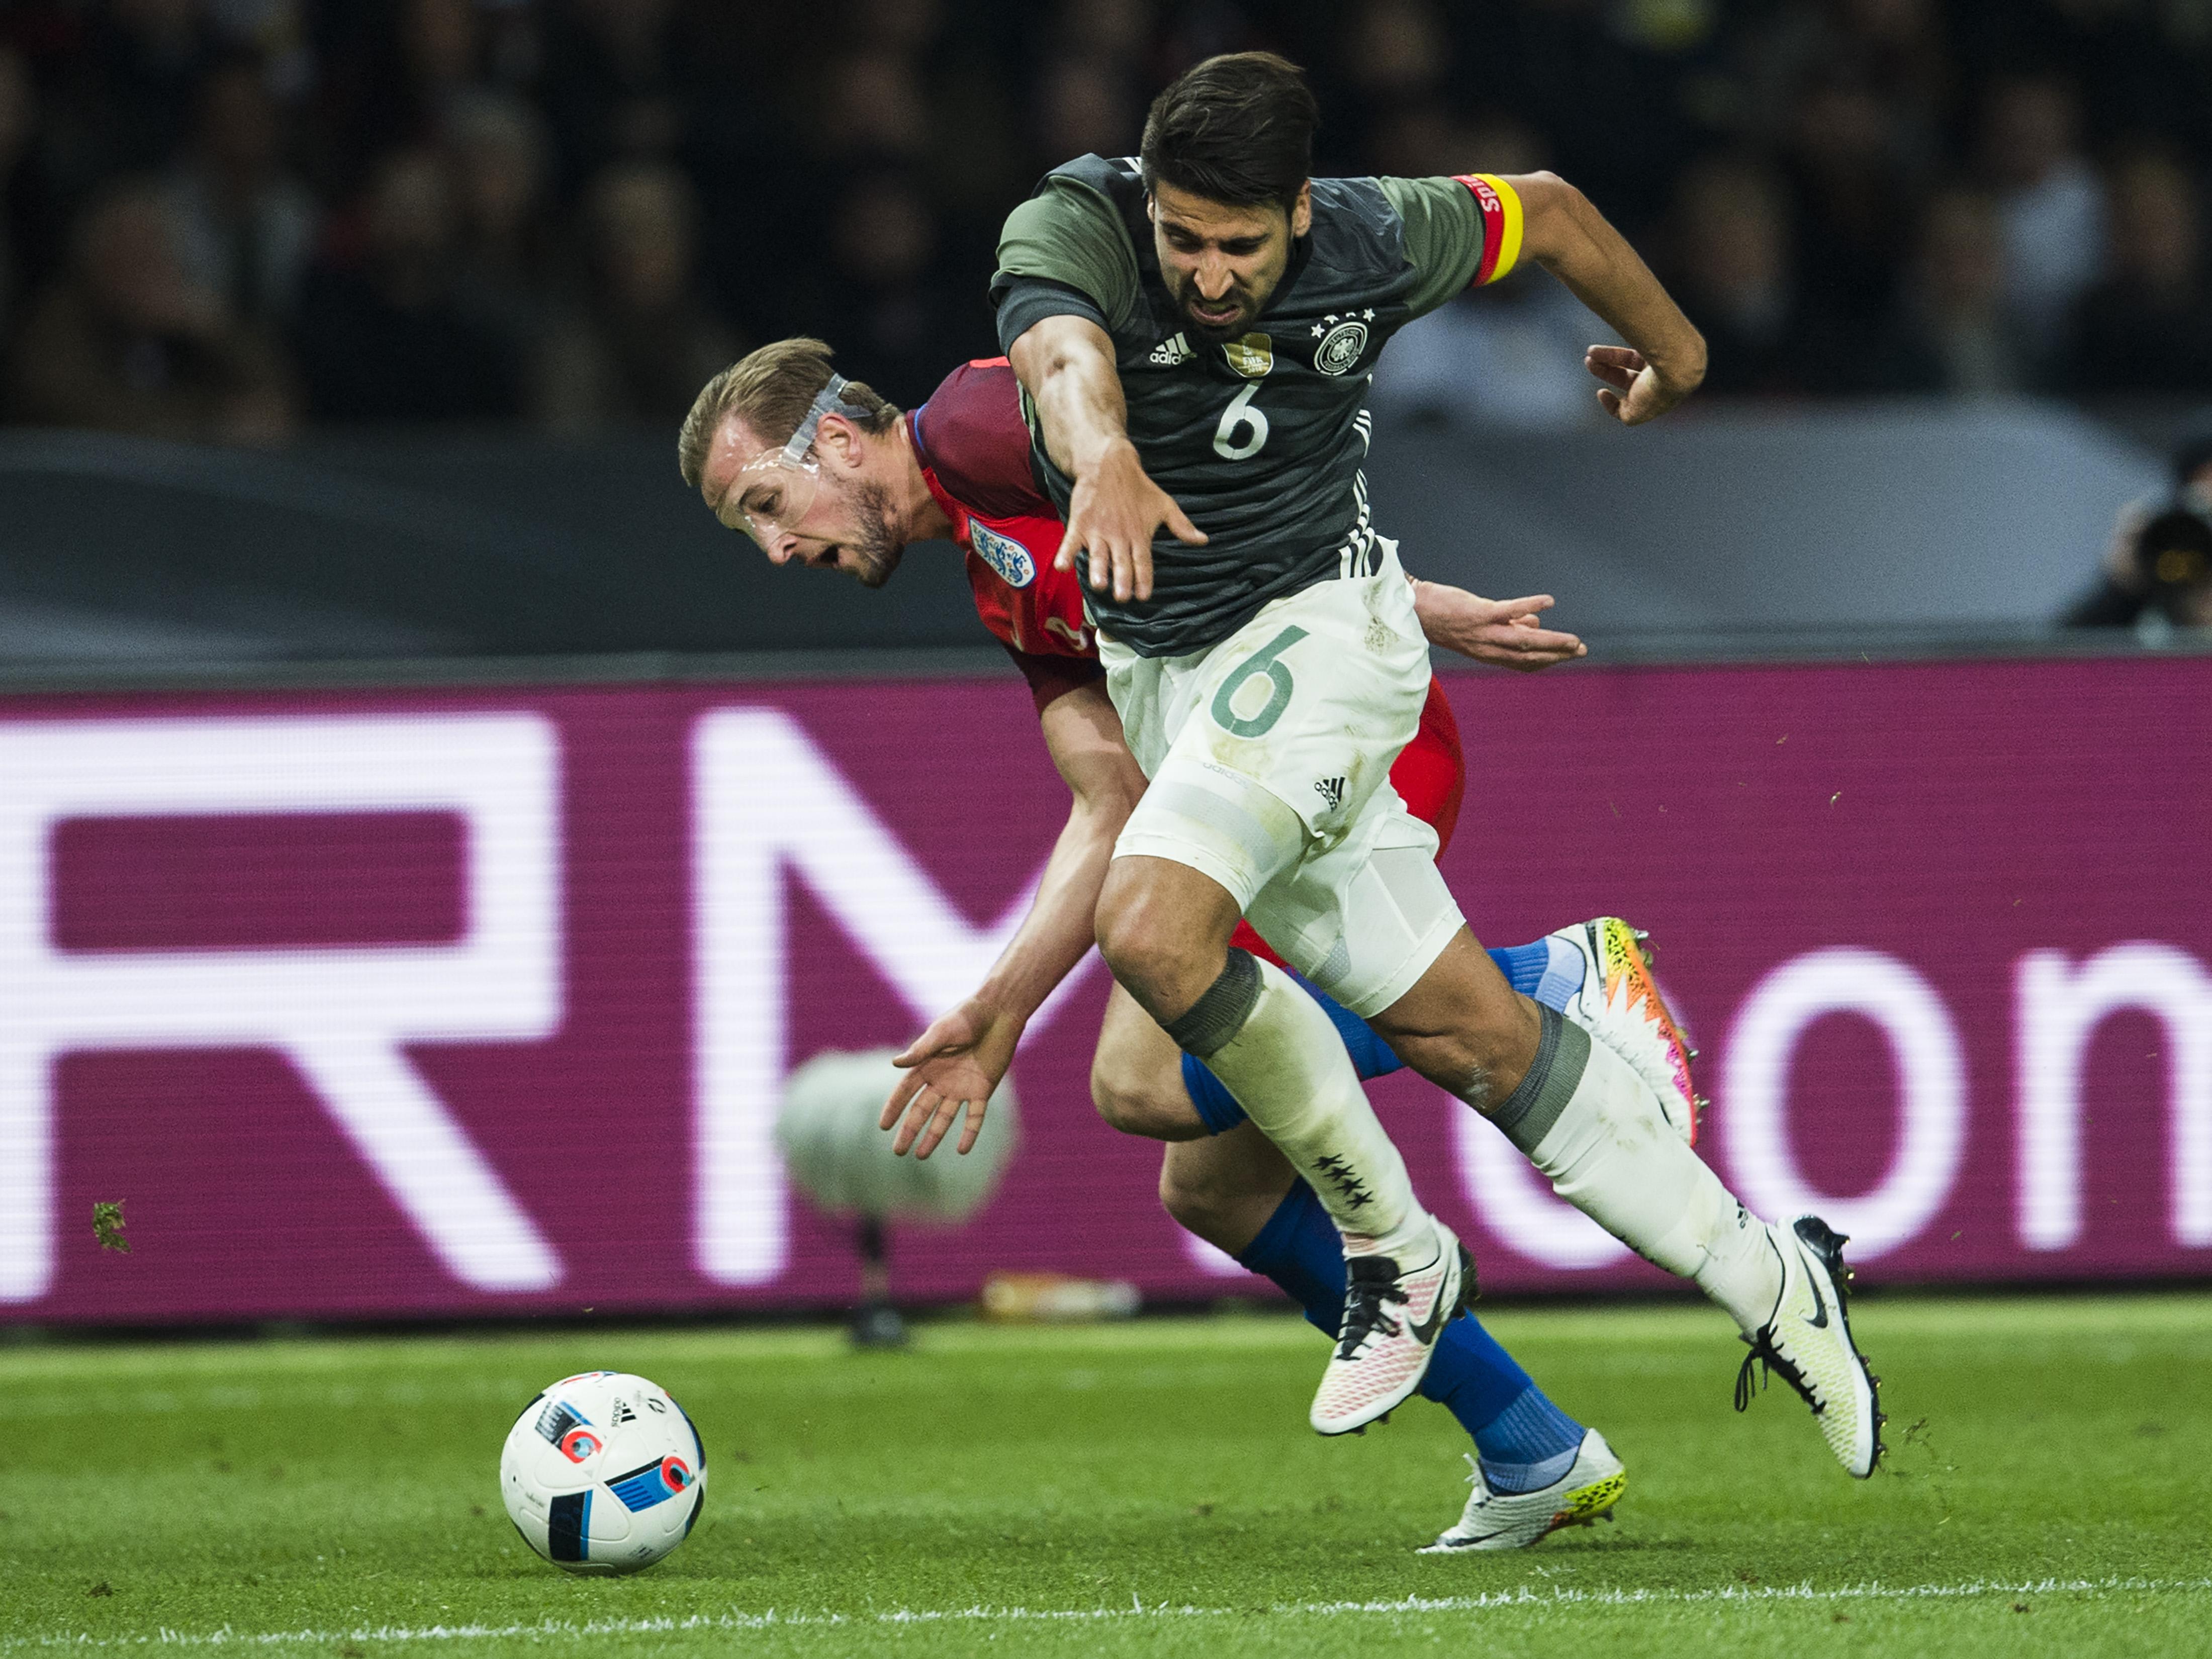 FBL-EURO-2016-FRIENDLY-GER-ENG